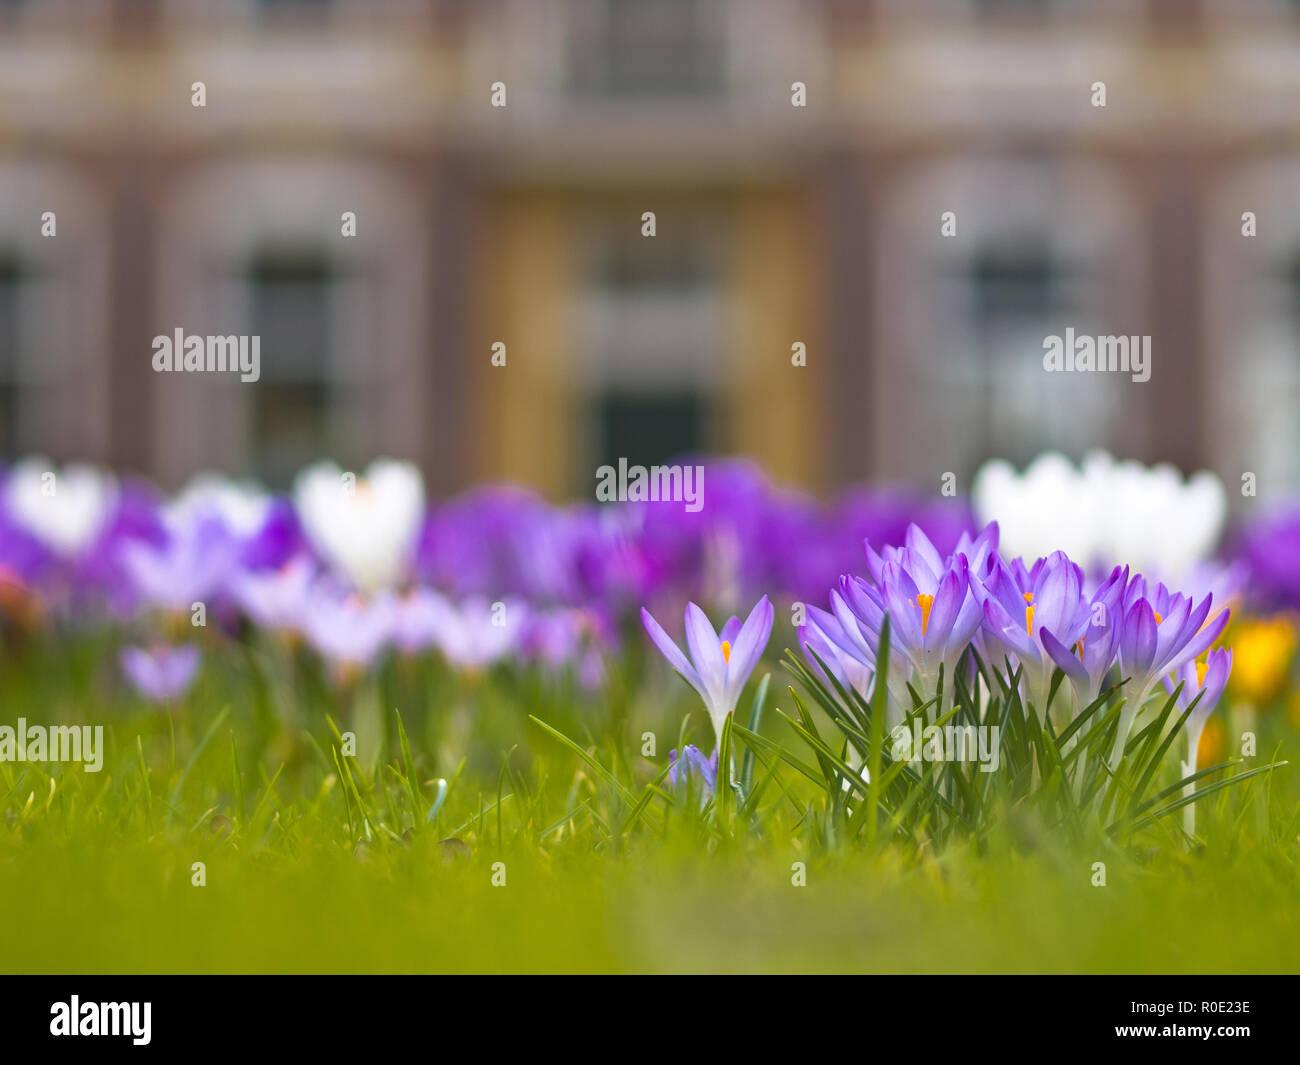 Bloeiende lila krokussen voor een historisch gebouw - Stock Image